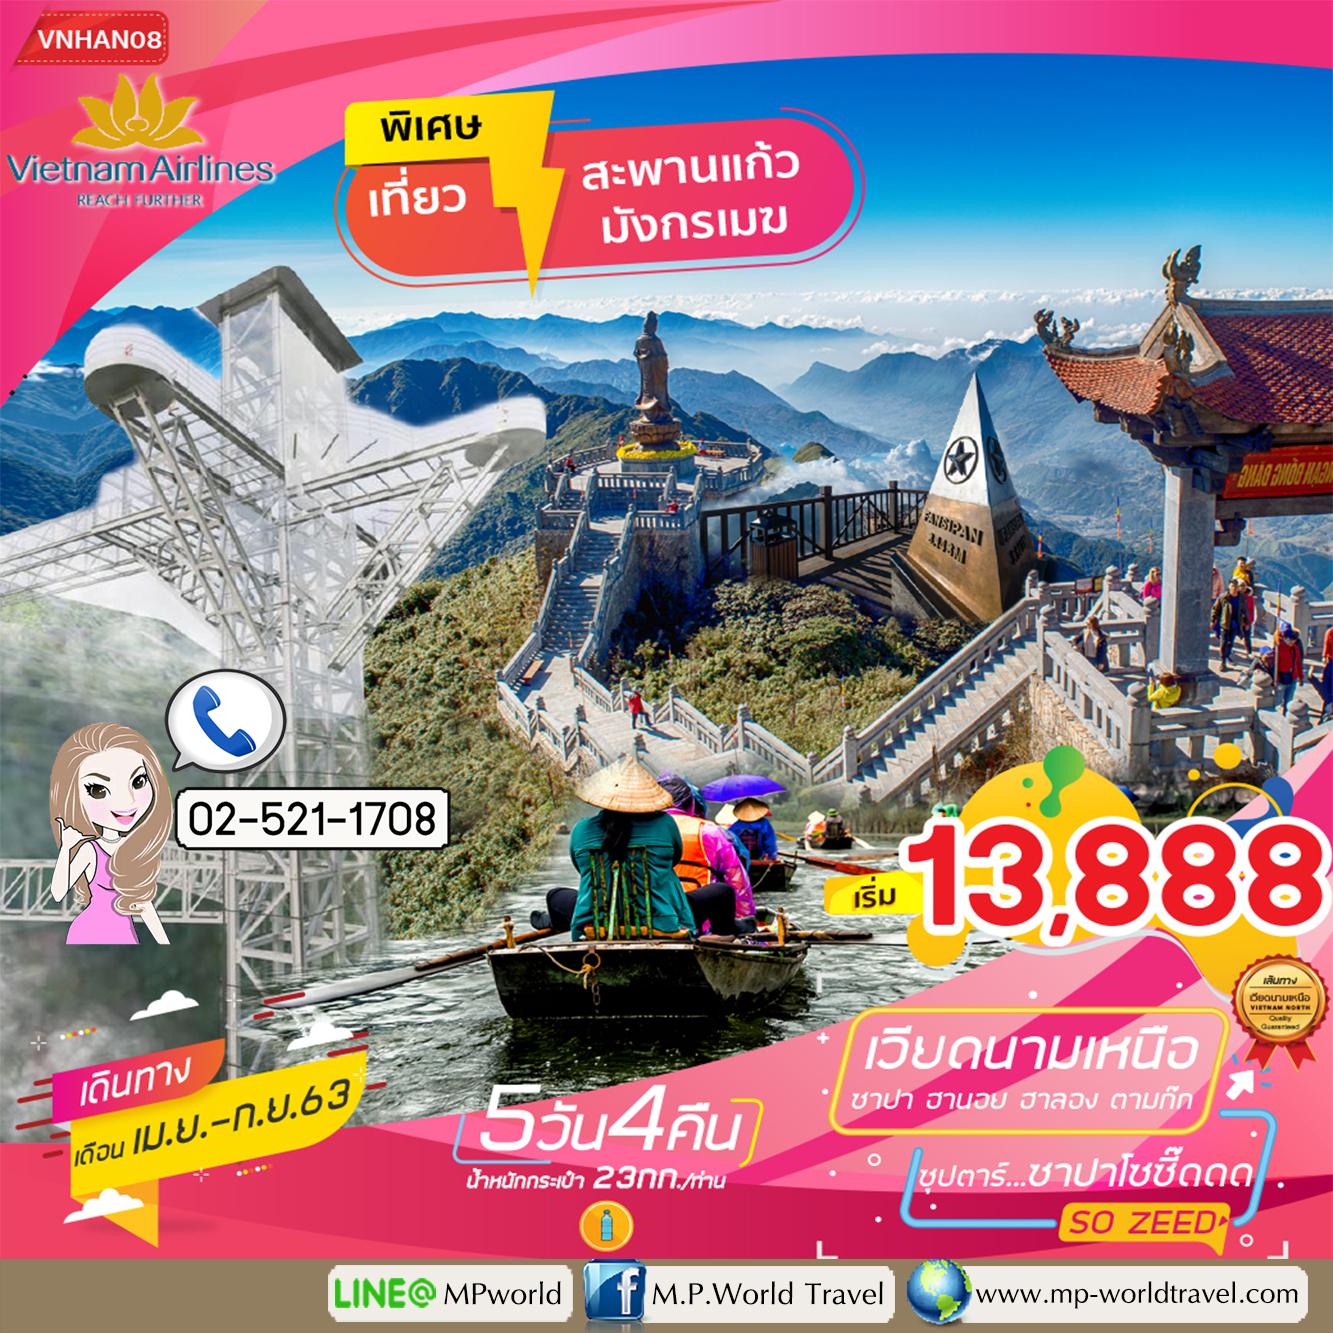 ทัวร์เวียดนามเเหนือ VNHAN08 ซาปา สะพานกระจก ฮาลอง ตามก๊ก ซุปตาร์ ซาปาโซซี๊ดดด 5D 4N VN